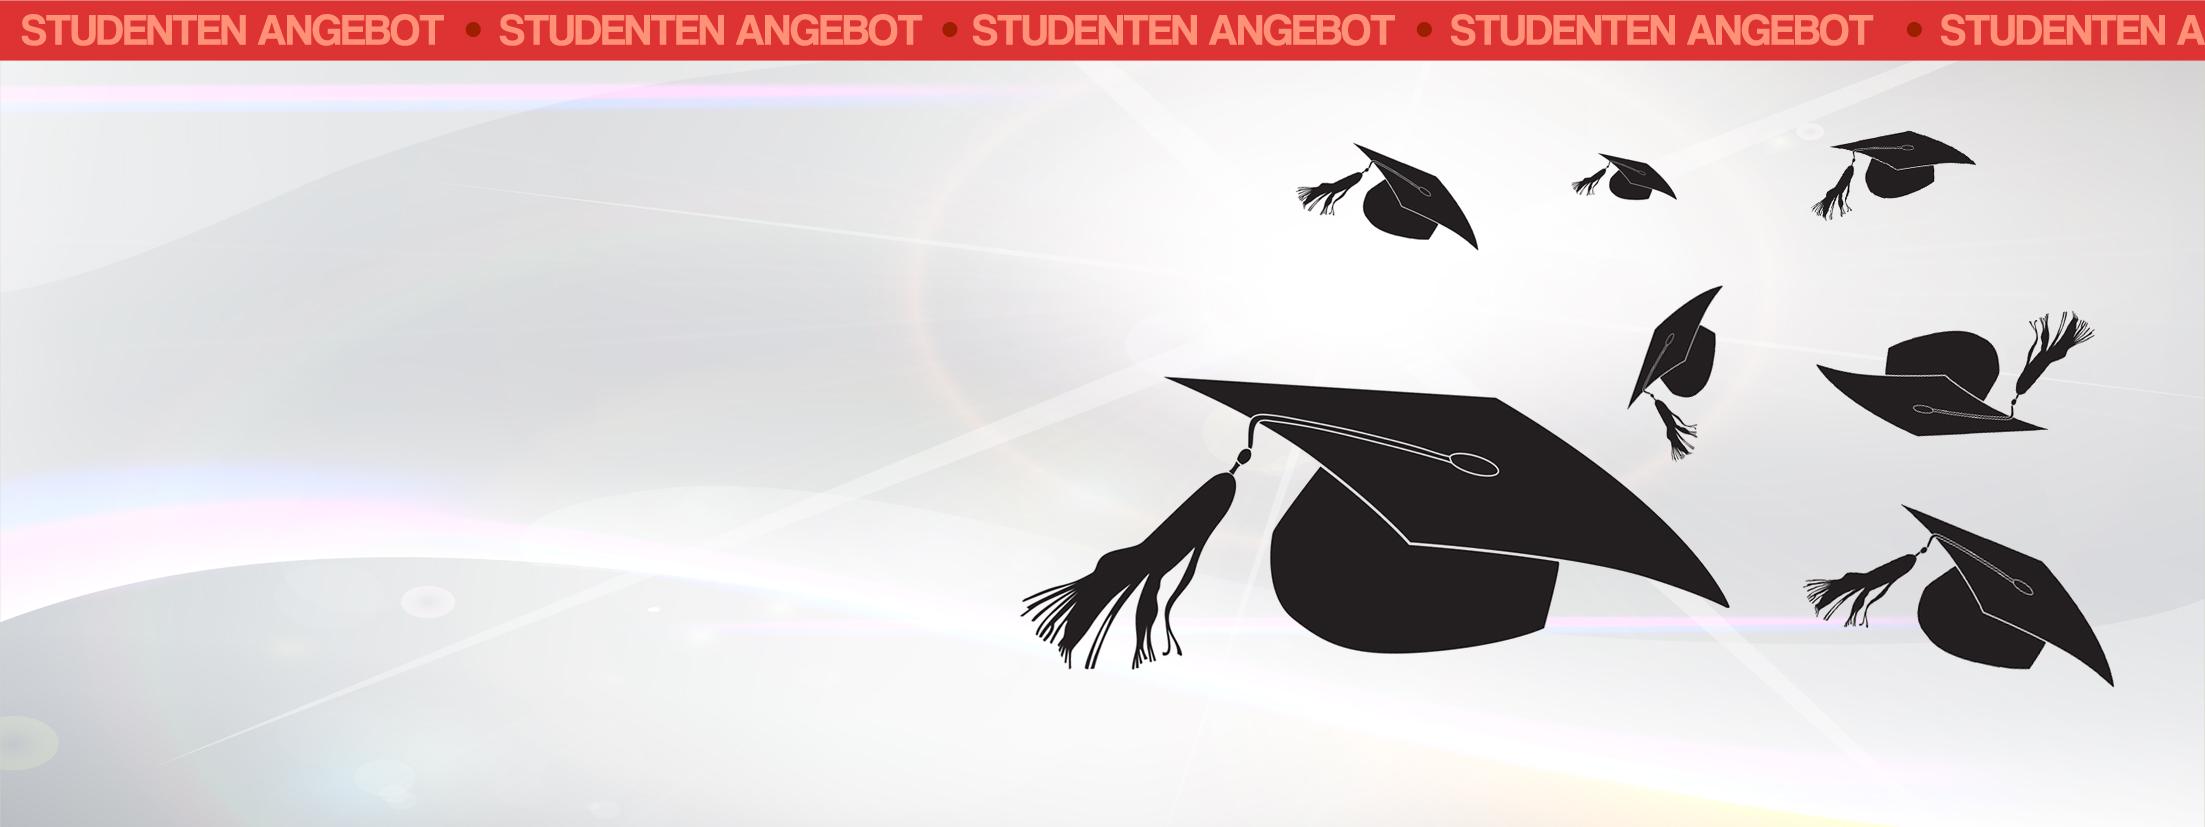 Studentenangebot